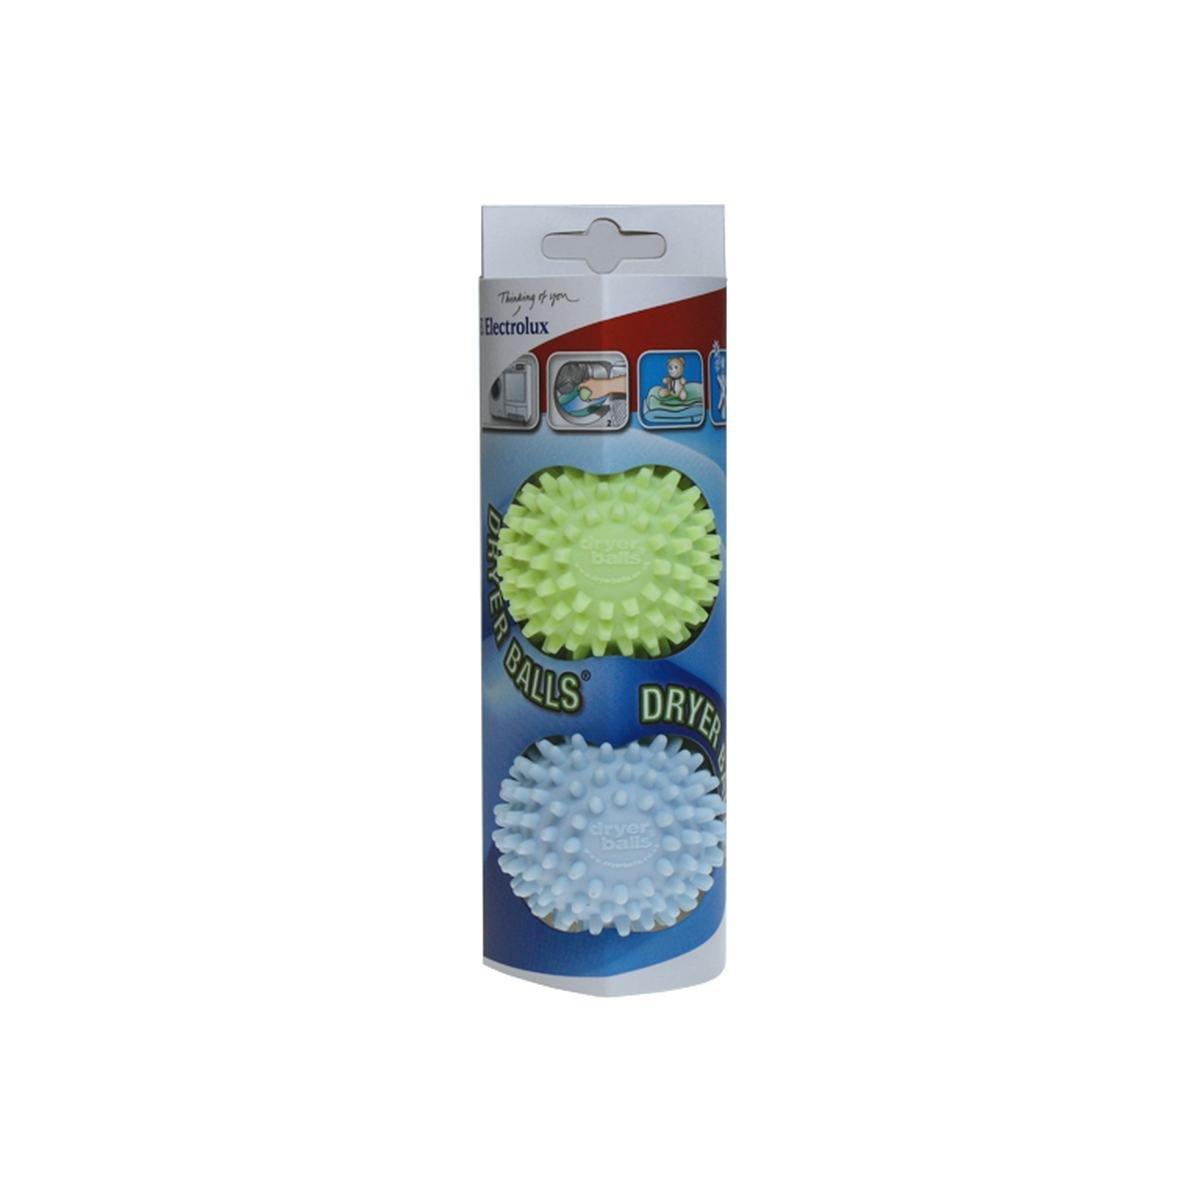 Torkbollar mjuka - Electrolux